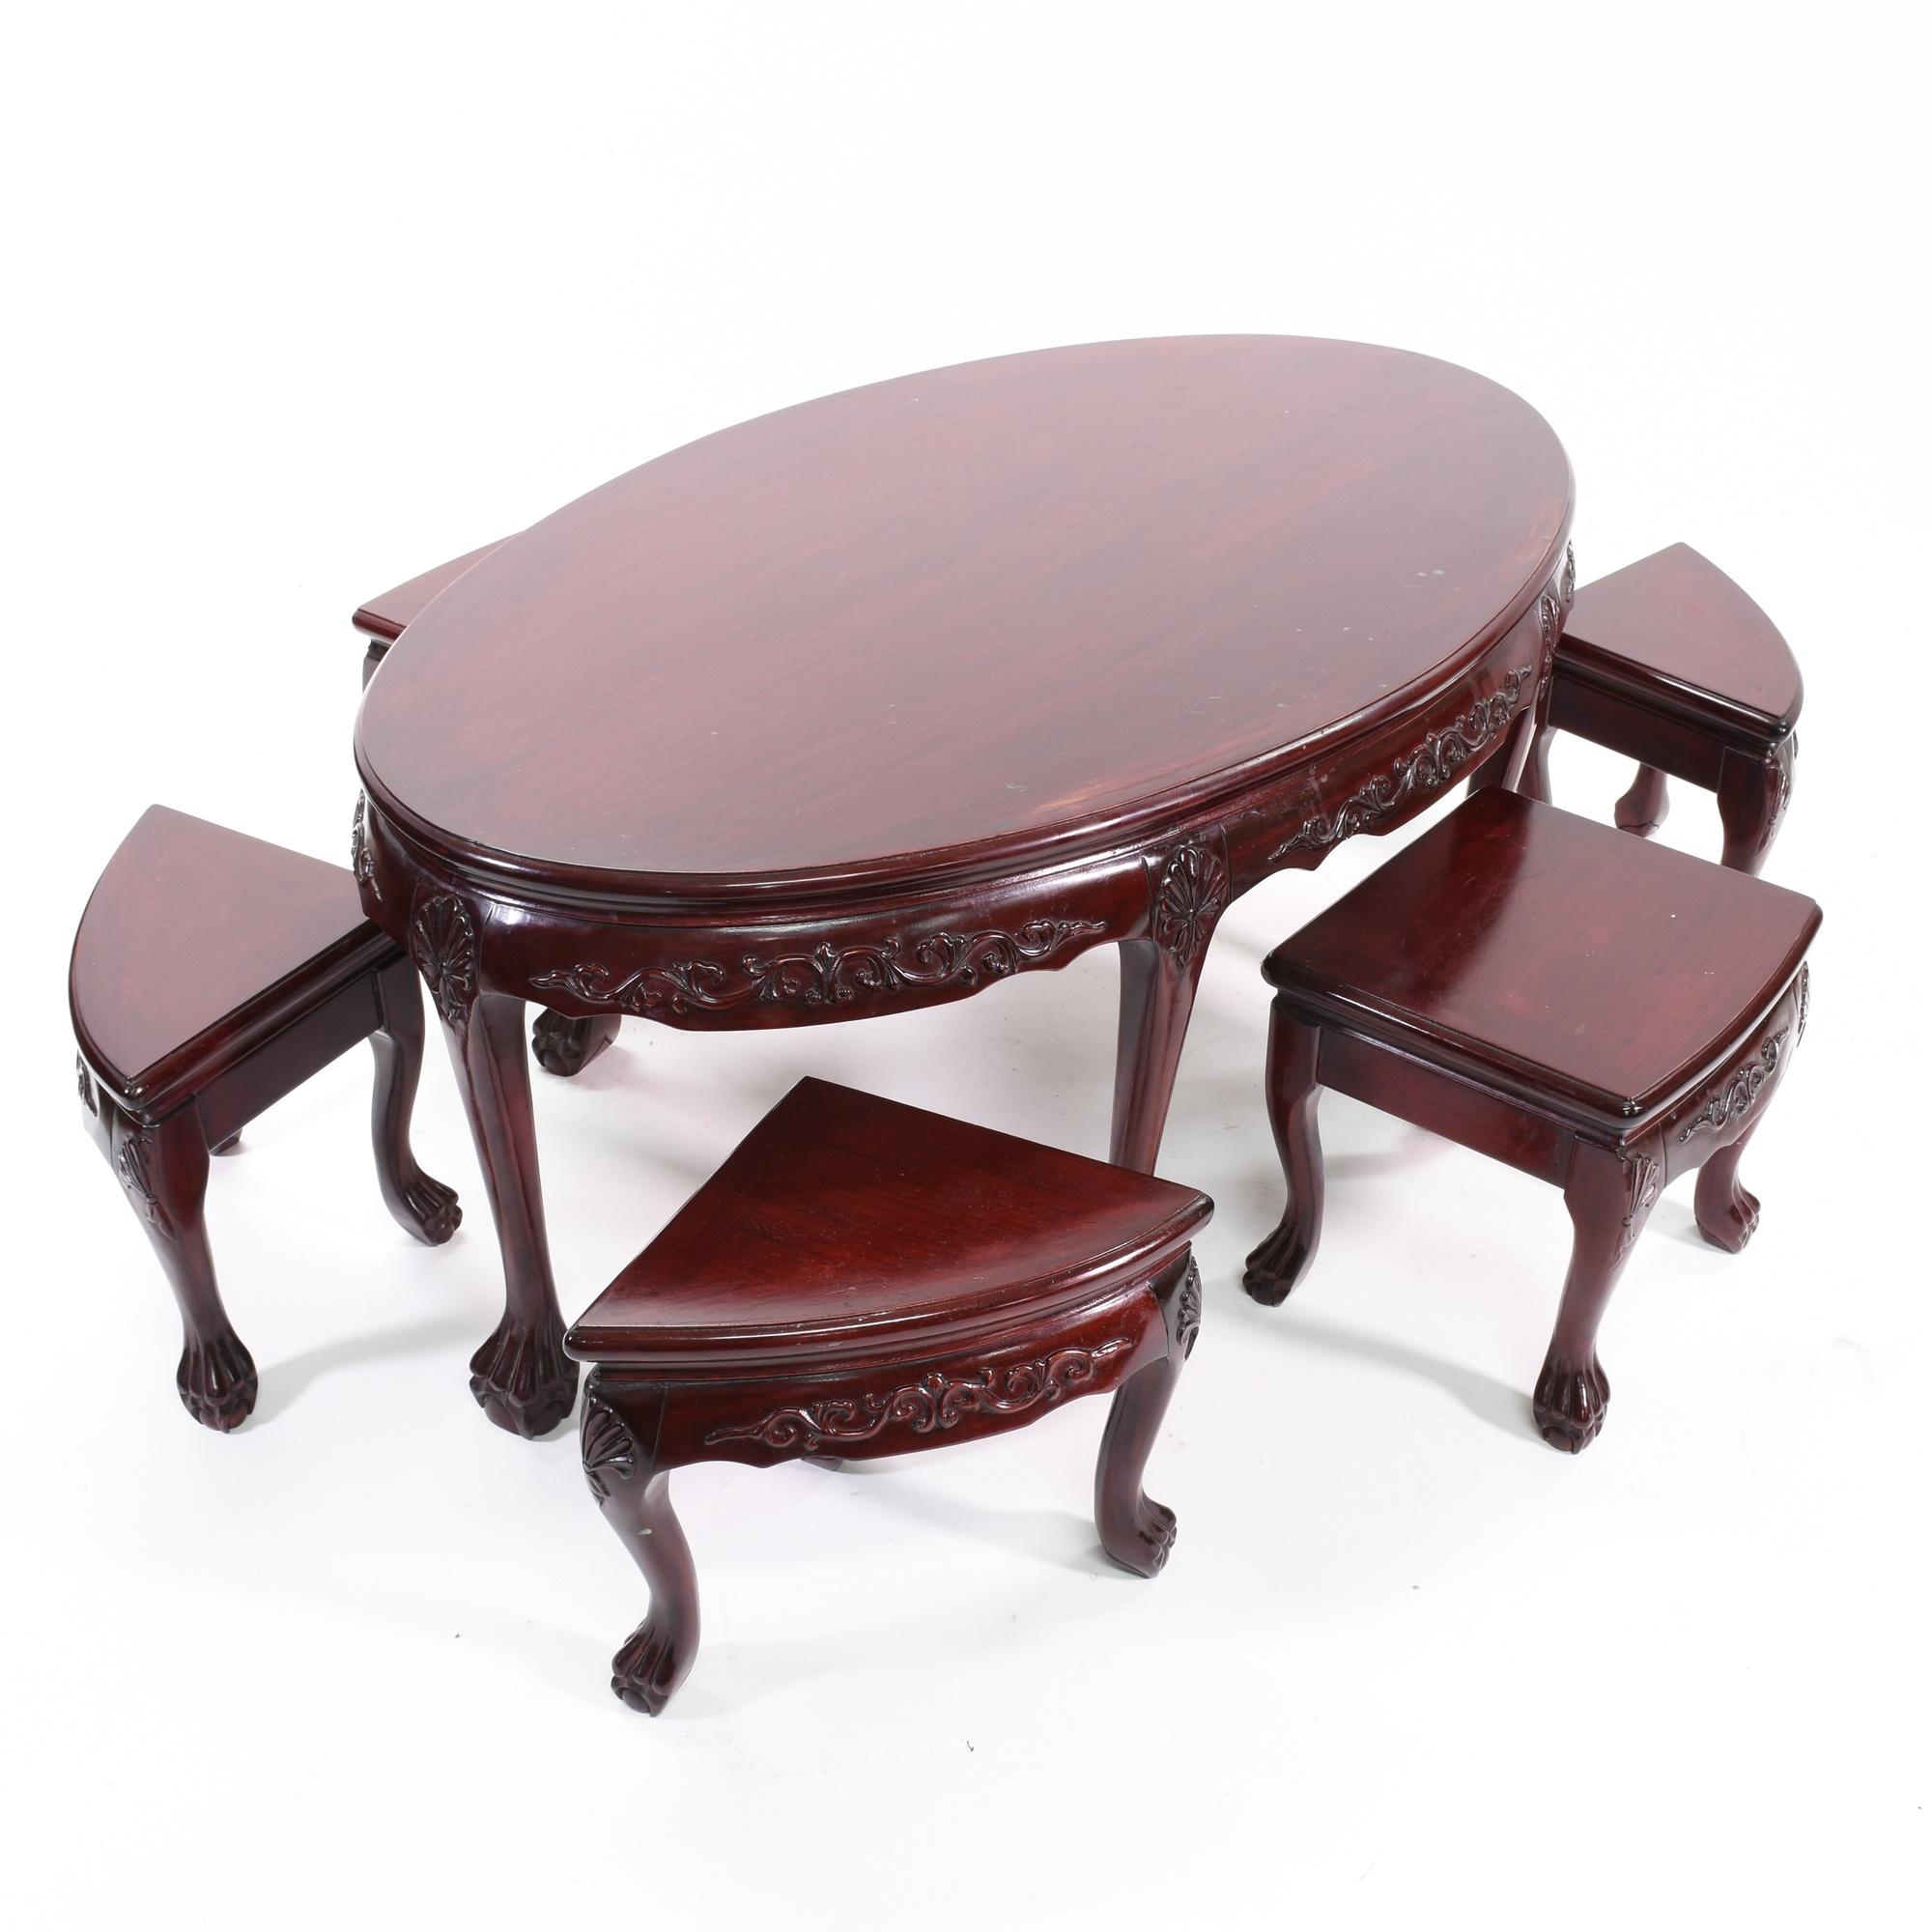 Japanese tea table furniture - Japanese Rosewood Tea Table W 6 Stools Loveseat Vintage Furniture San Diego Los Angeles